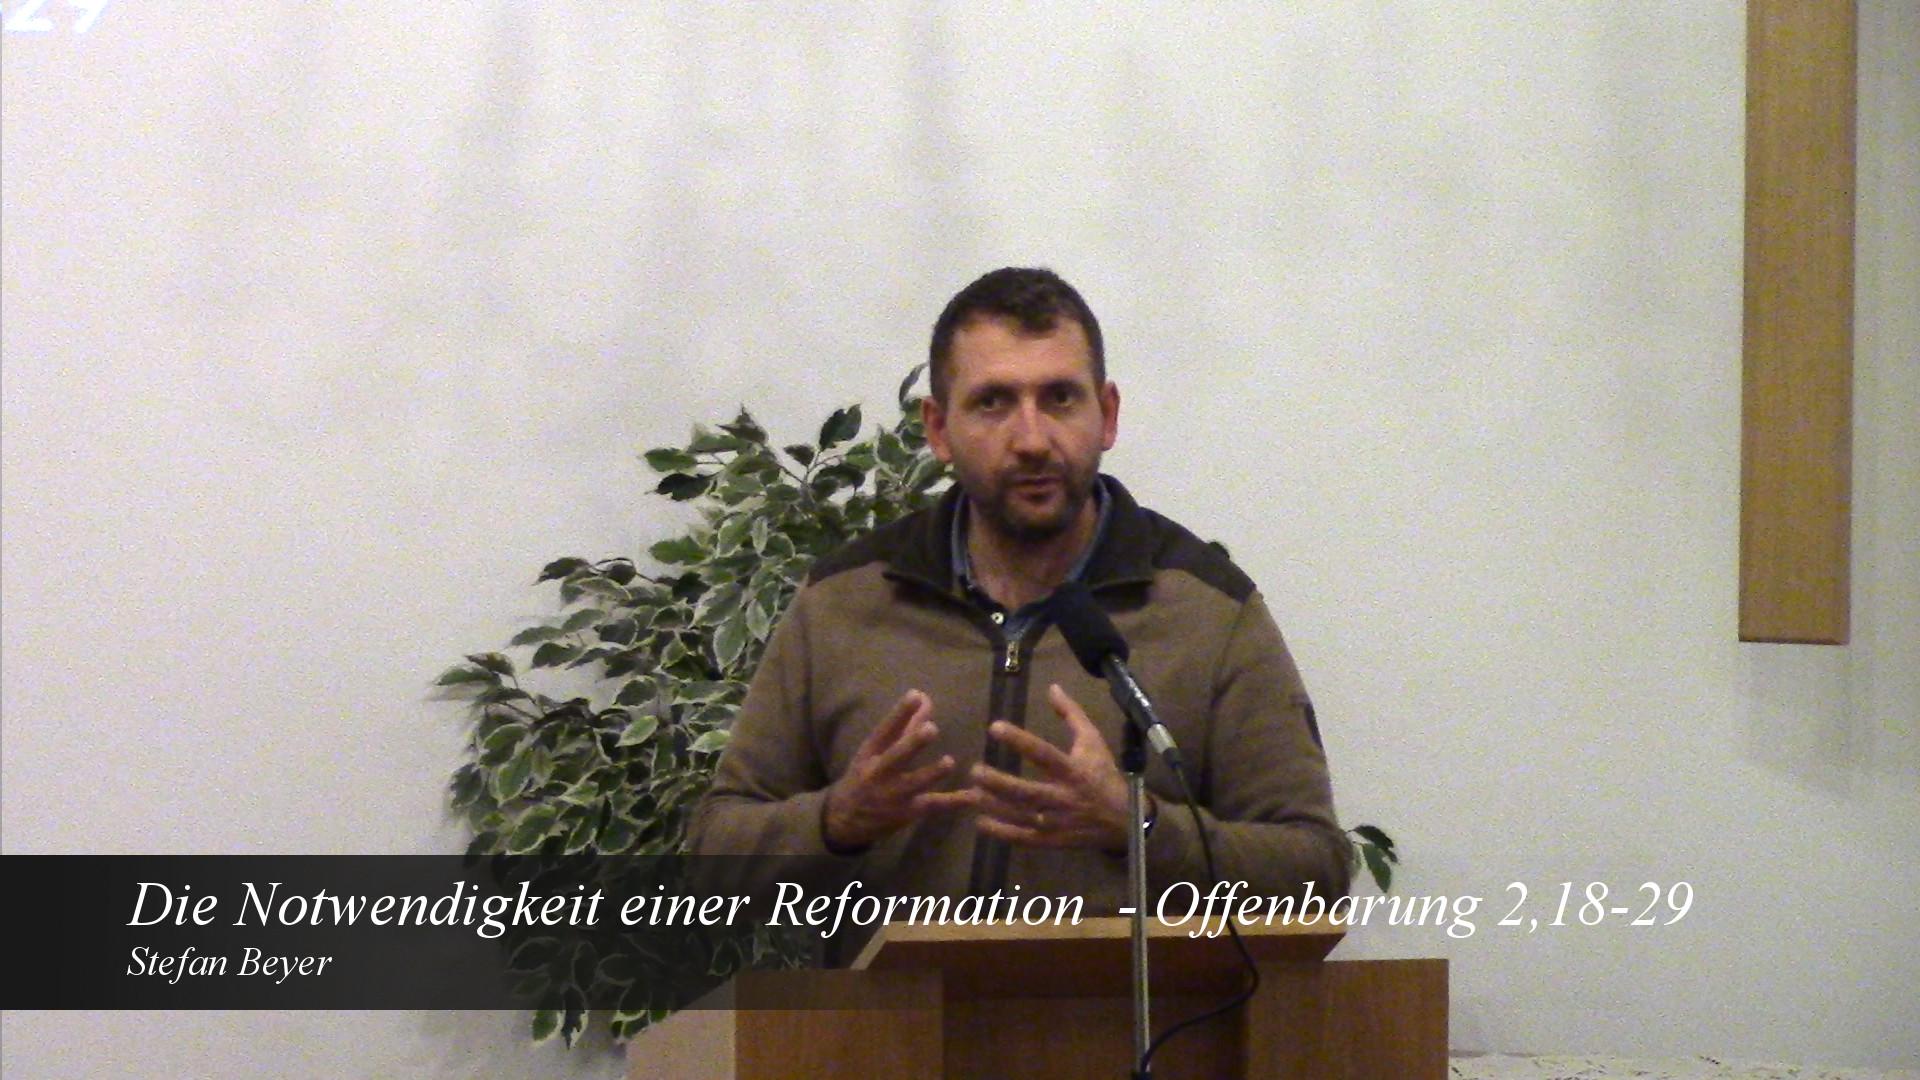 Die Notwendigkeit einer Reformation